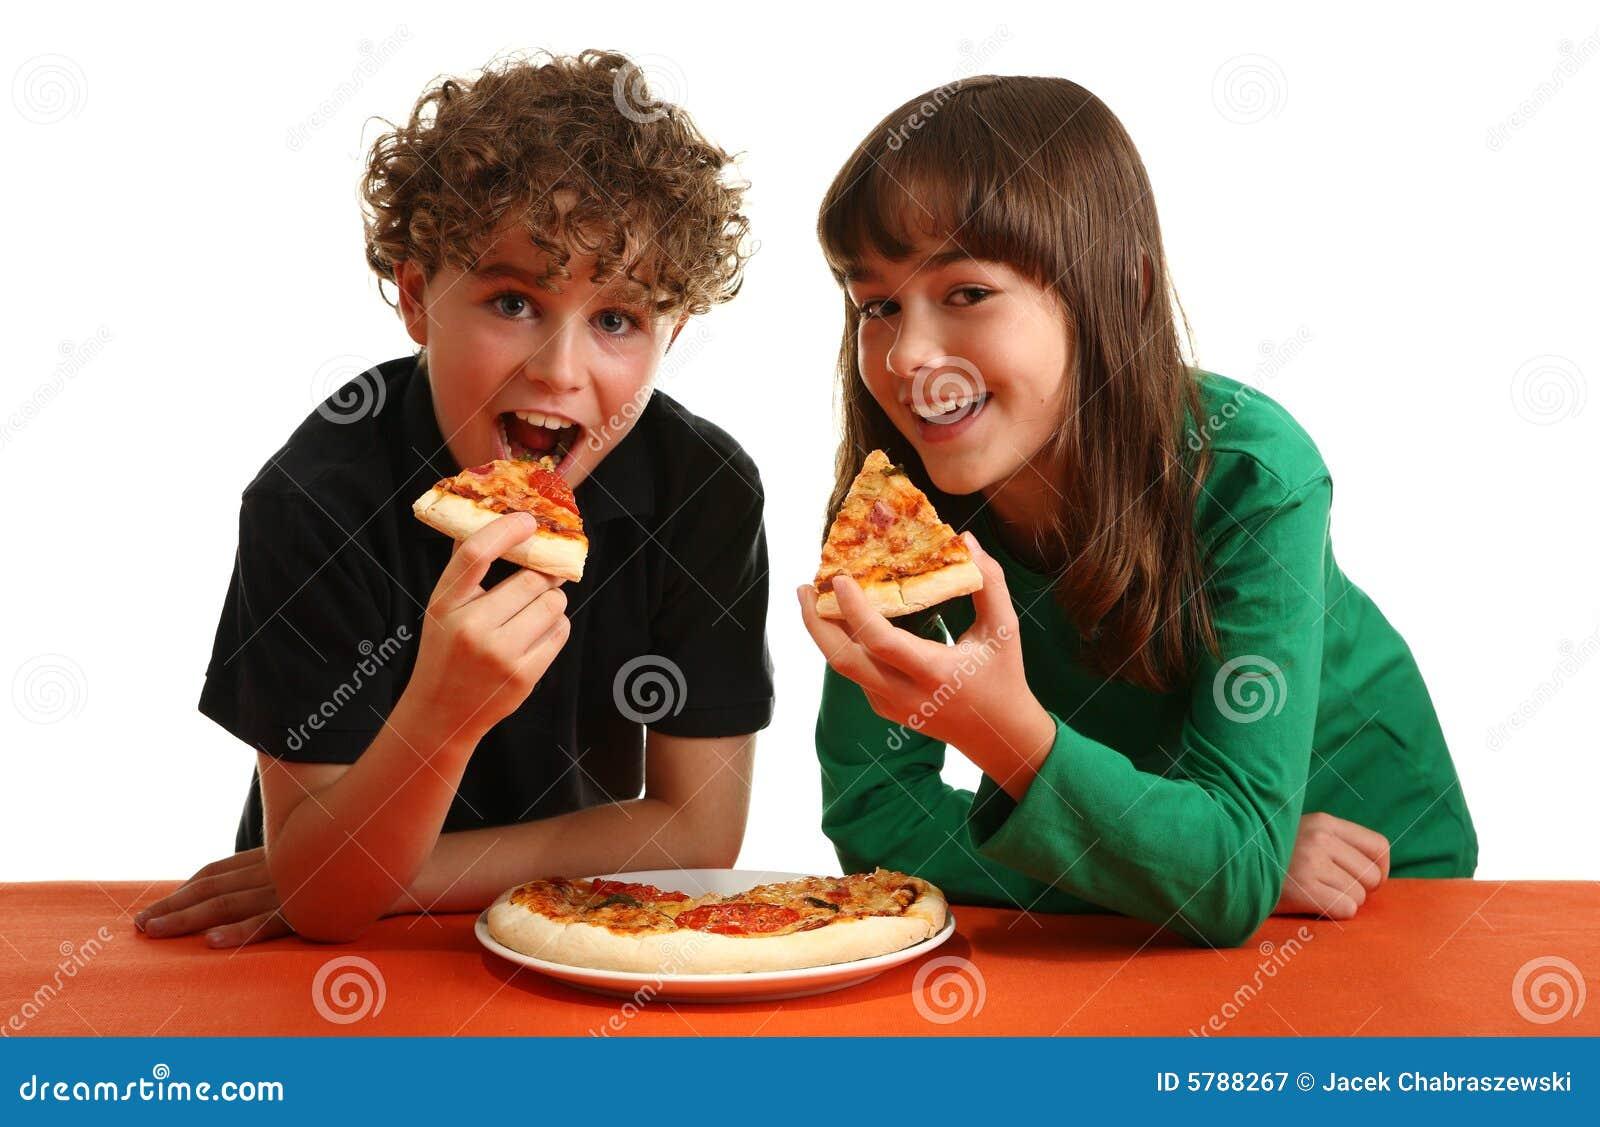 Zusammen getrennt pizzaessen Duden